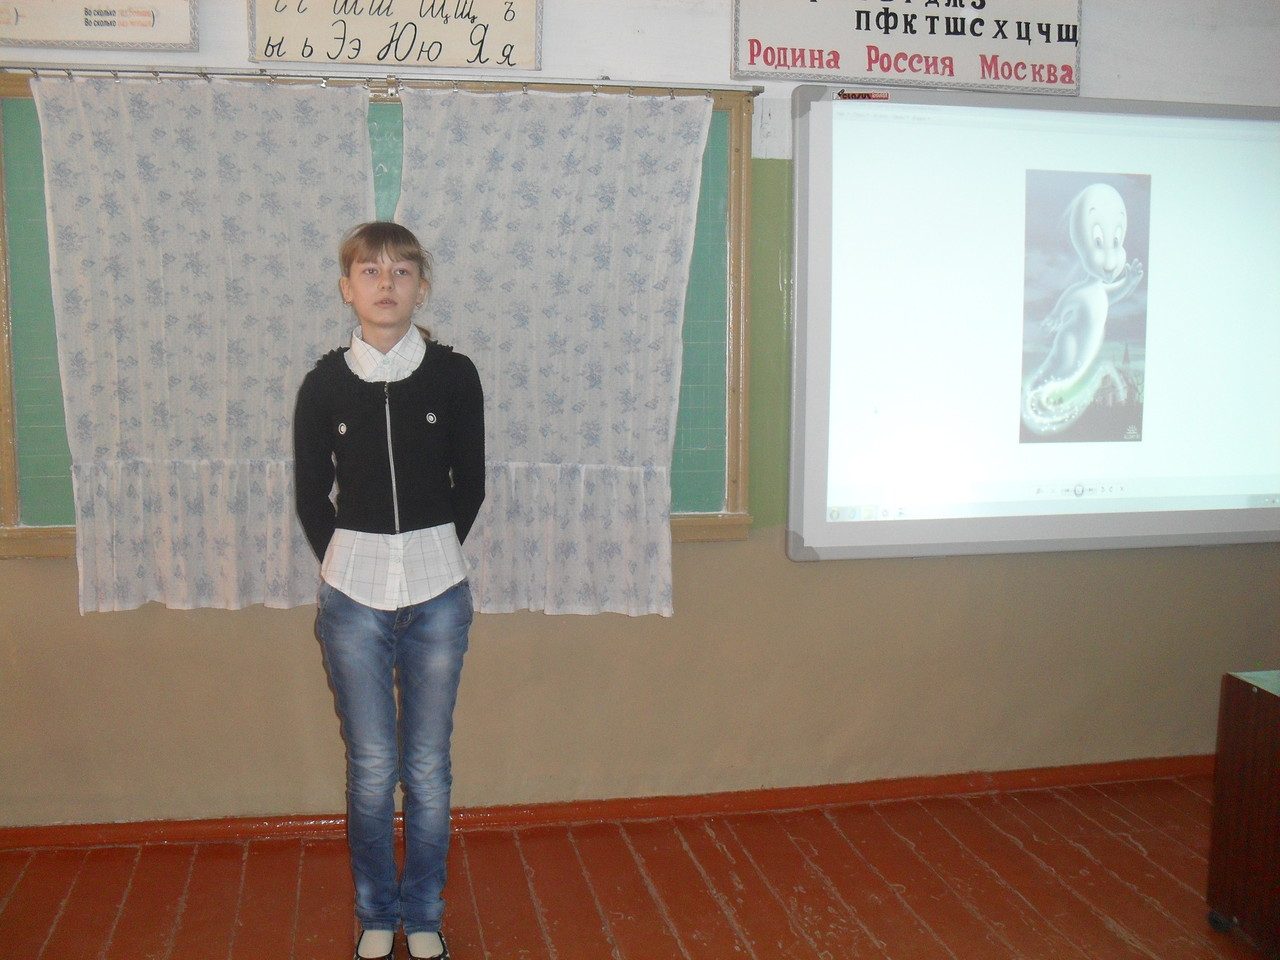 Победительница конкурса Хрусталева Ольга декламирует отрывок из произведения немецкого писателя О.Пройслера